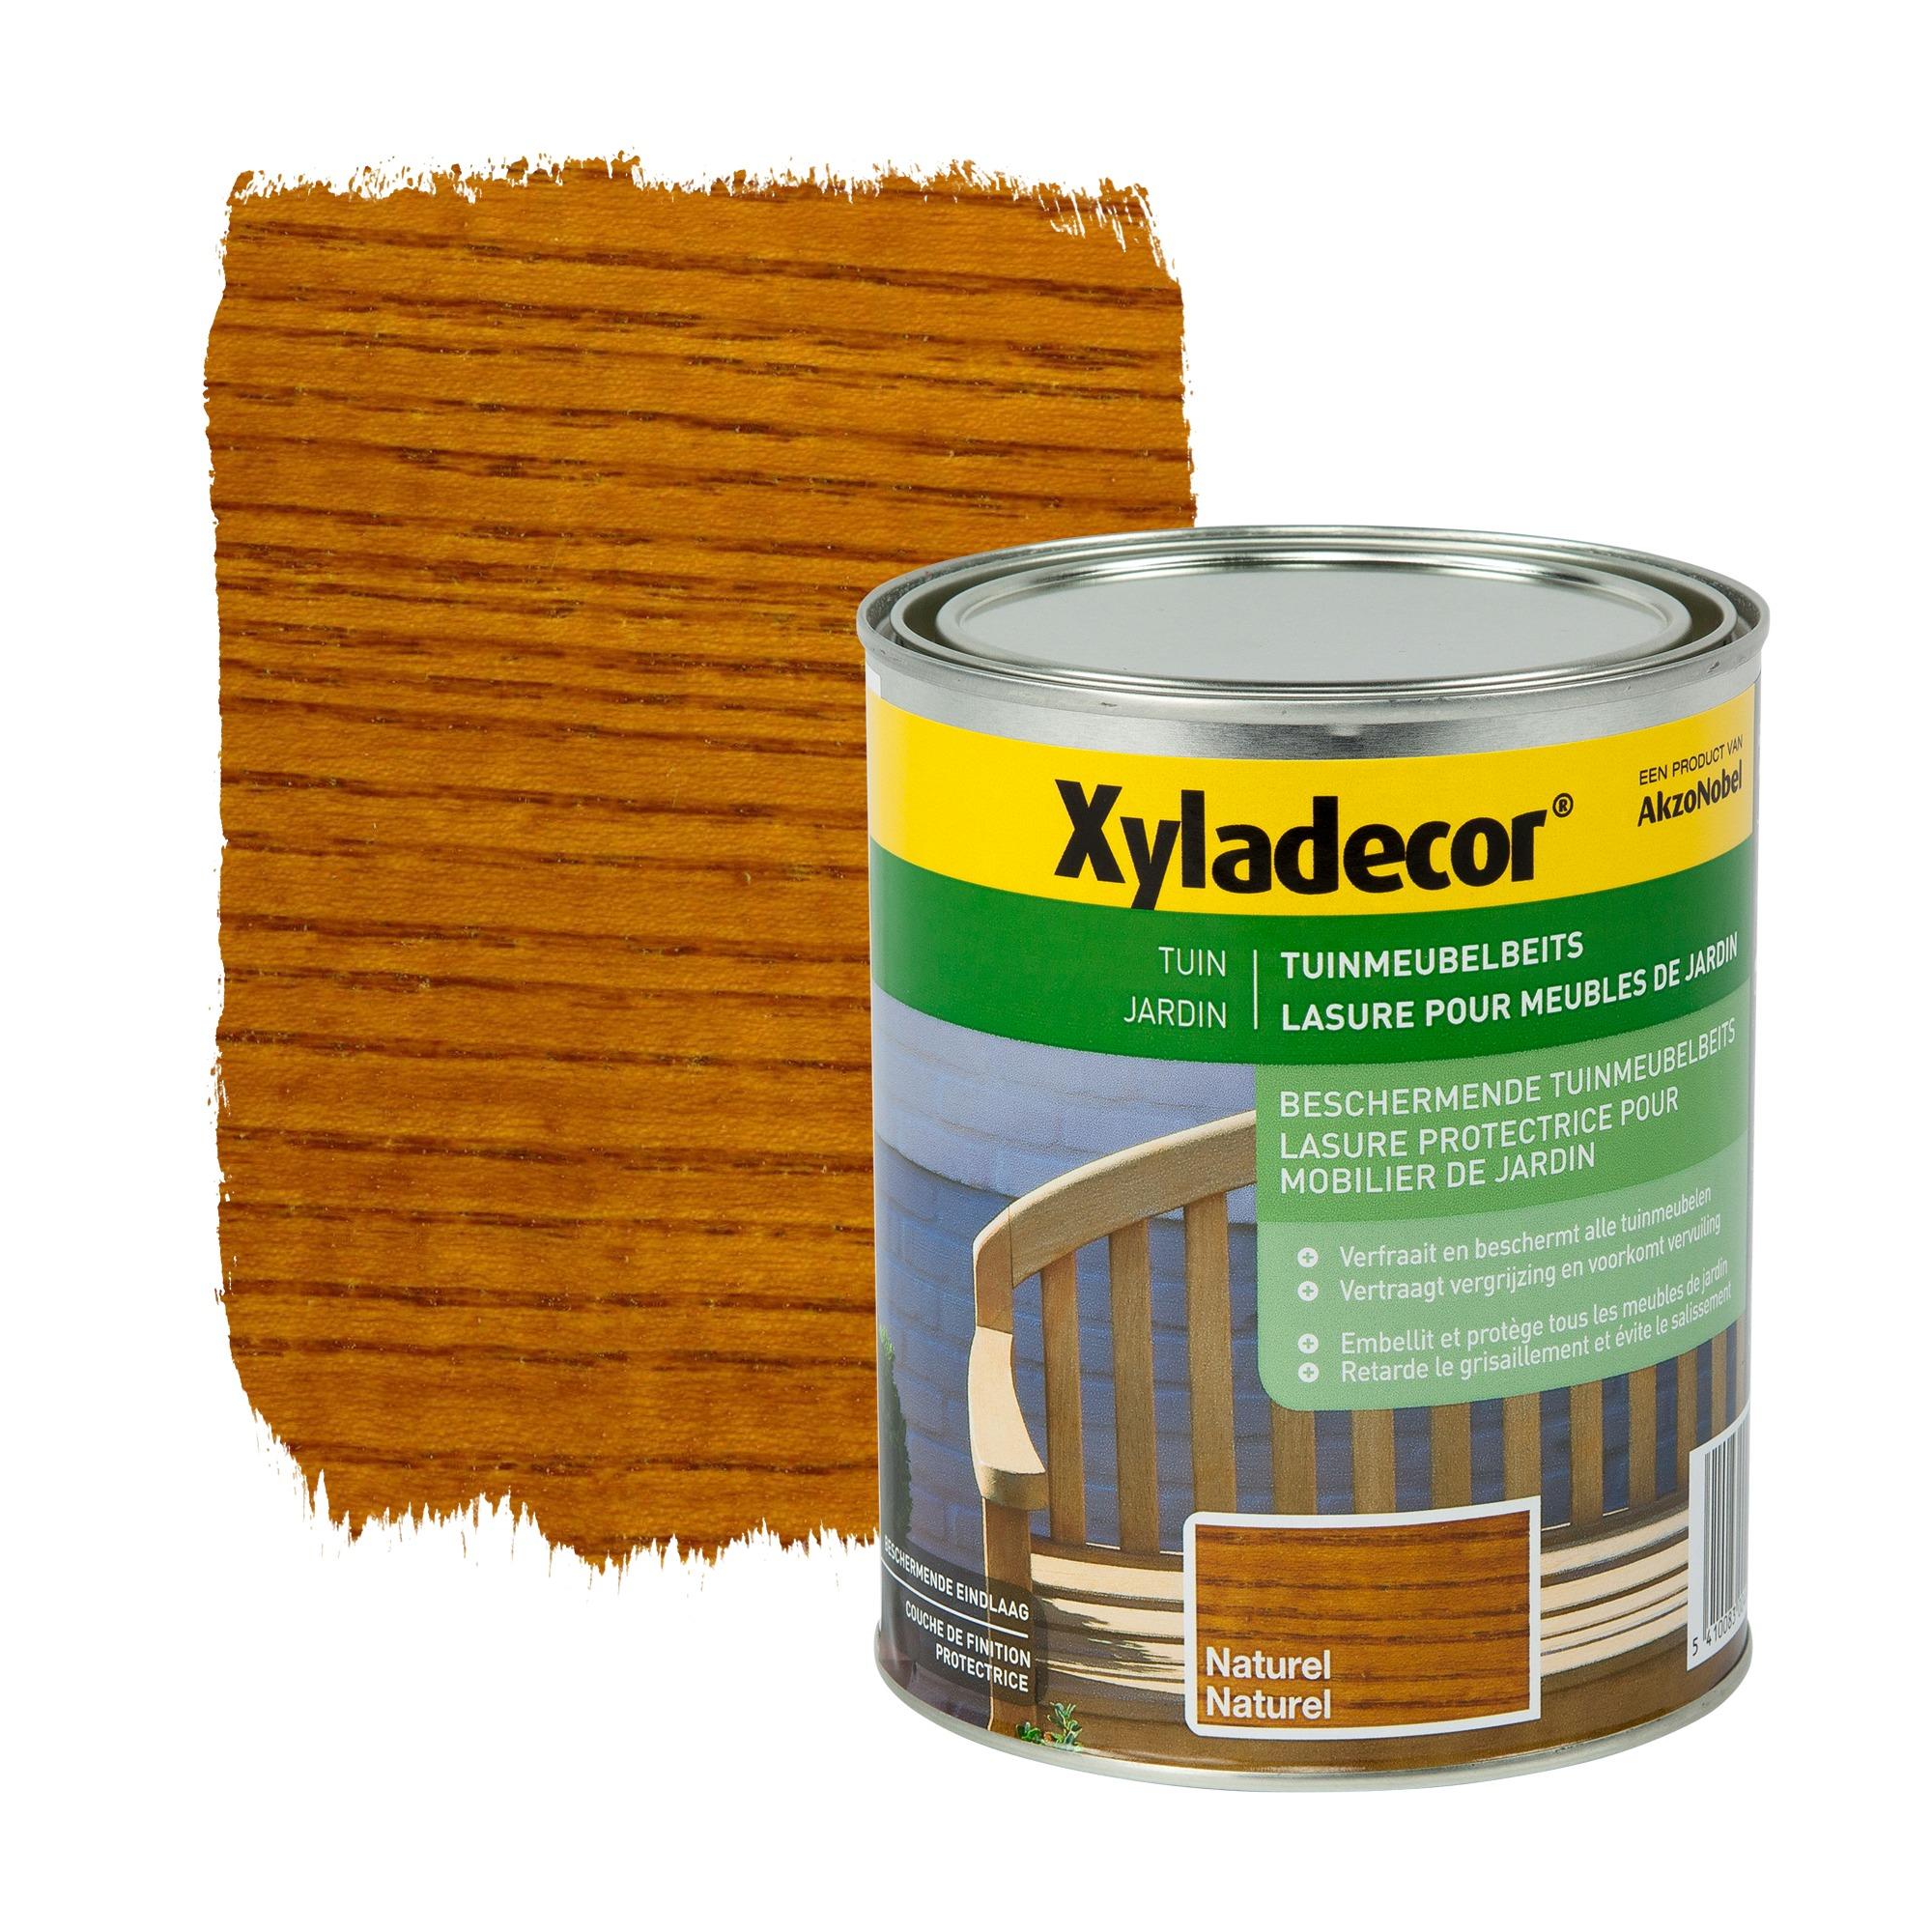 Lasure pour meubles de jardin xyladecor naturel 1 l for Lasure blanche pour meubles